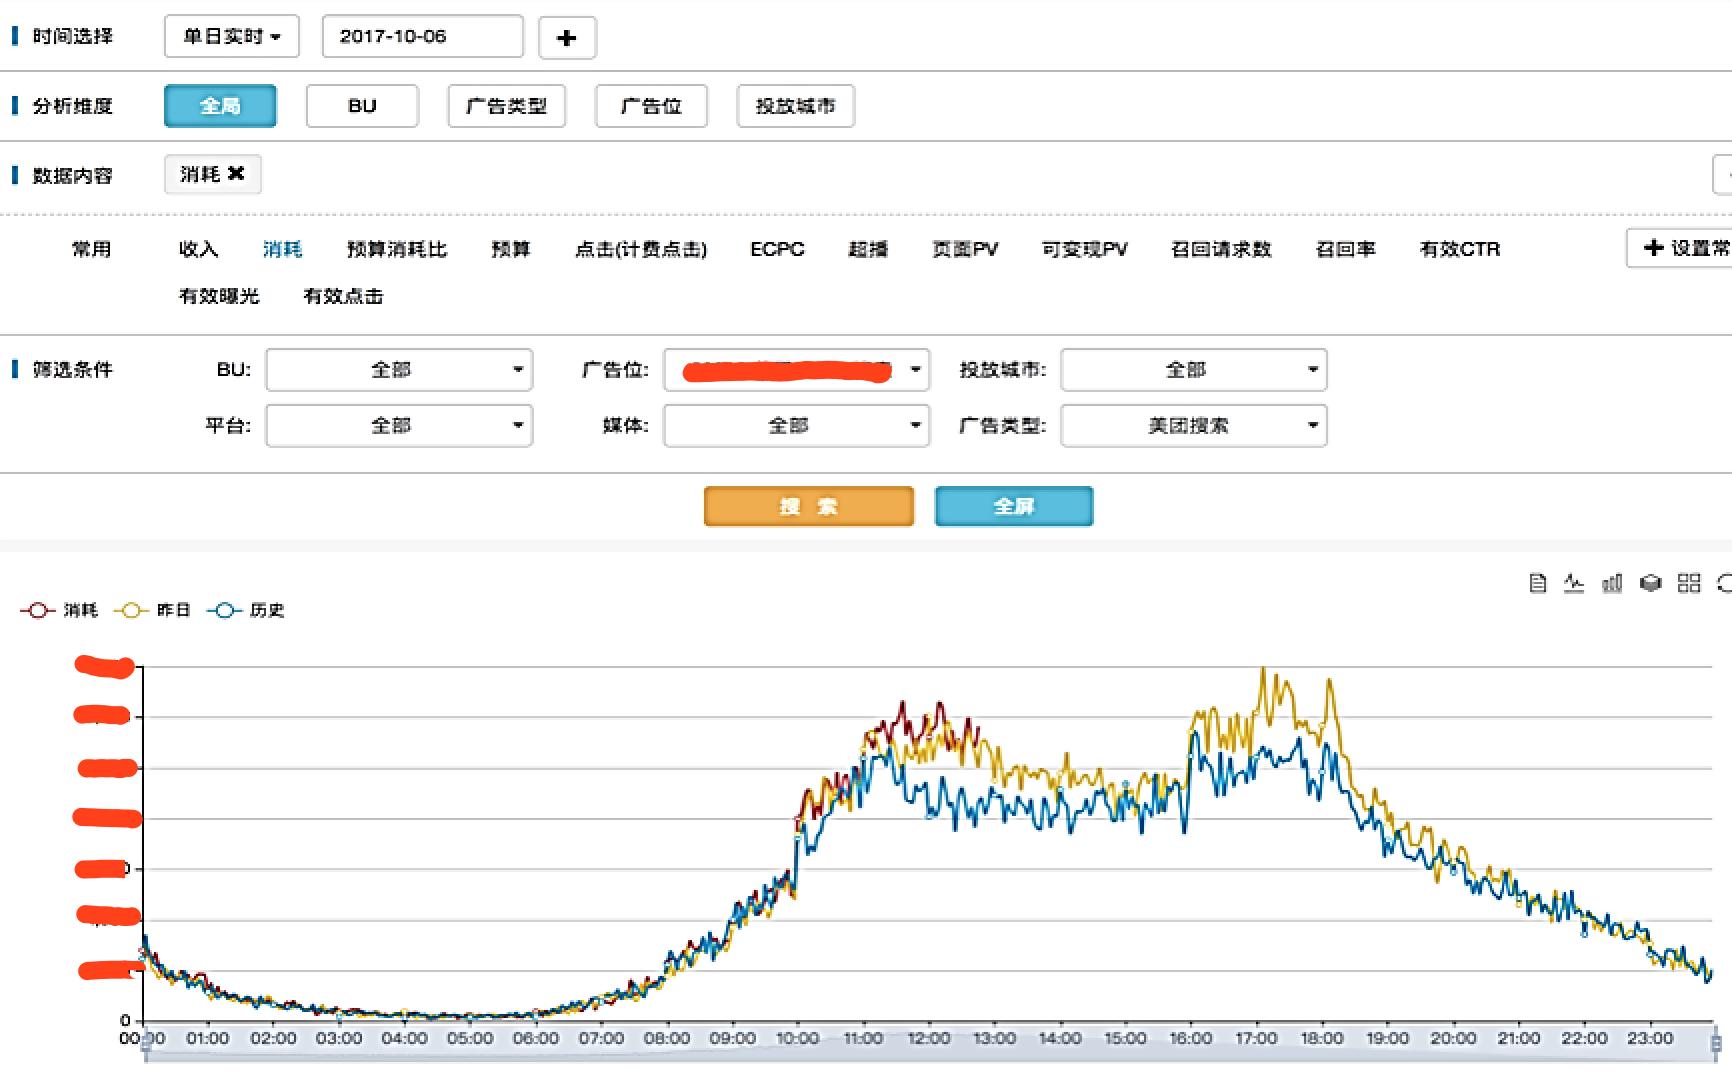 图5 实时消耗数据分析工具